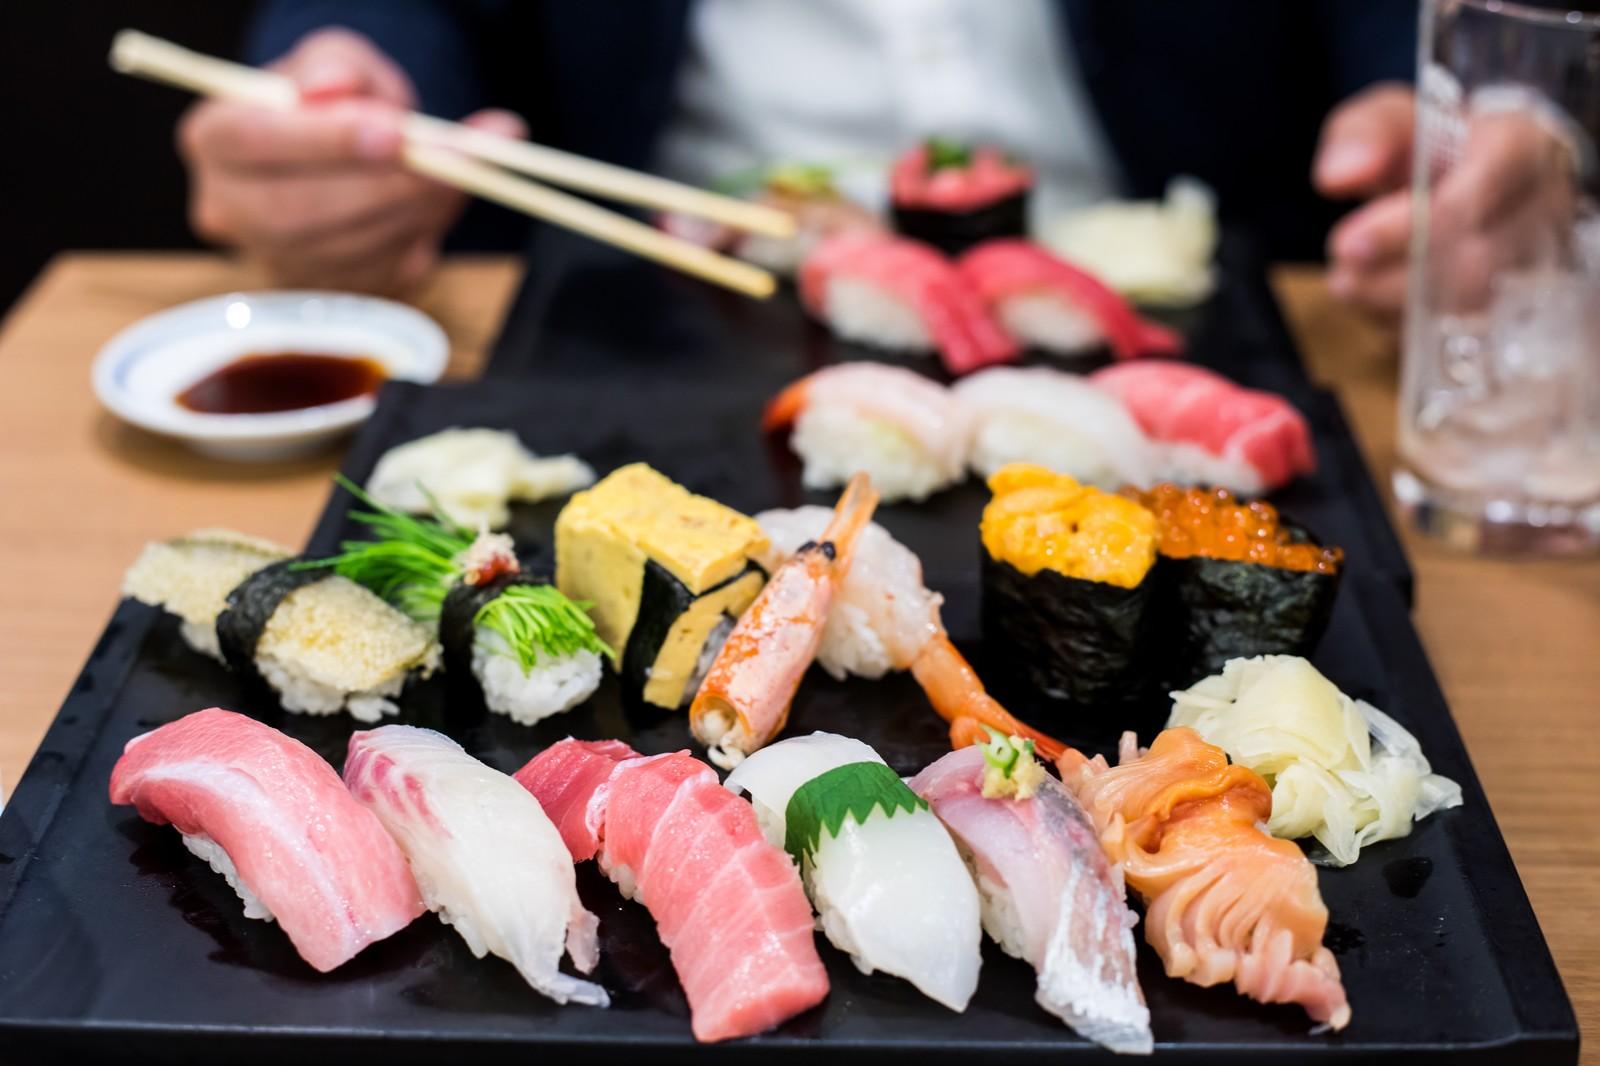 小樽の伊勢鮨で絶品のお寿司を堪能!人気のメニューをご紹介!